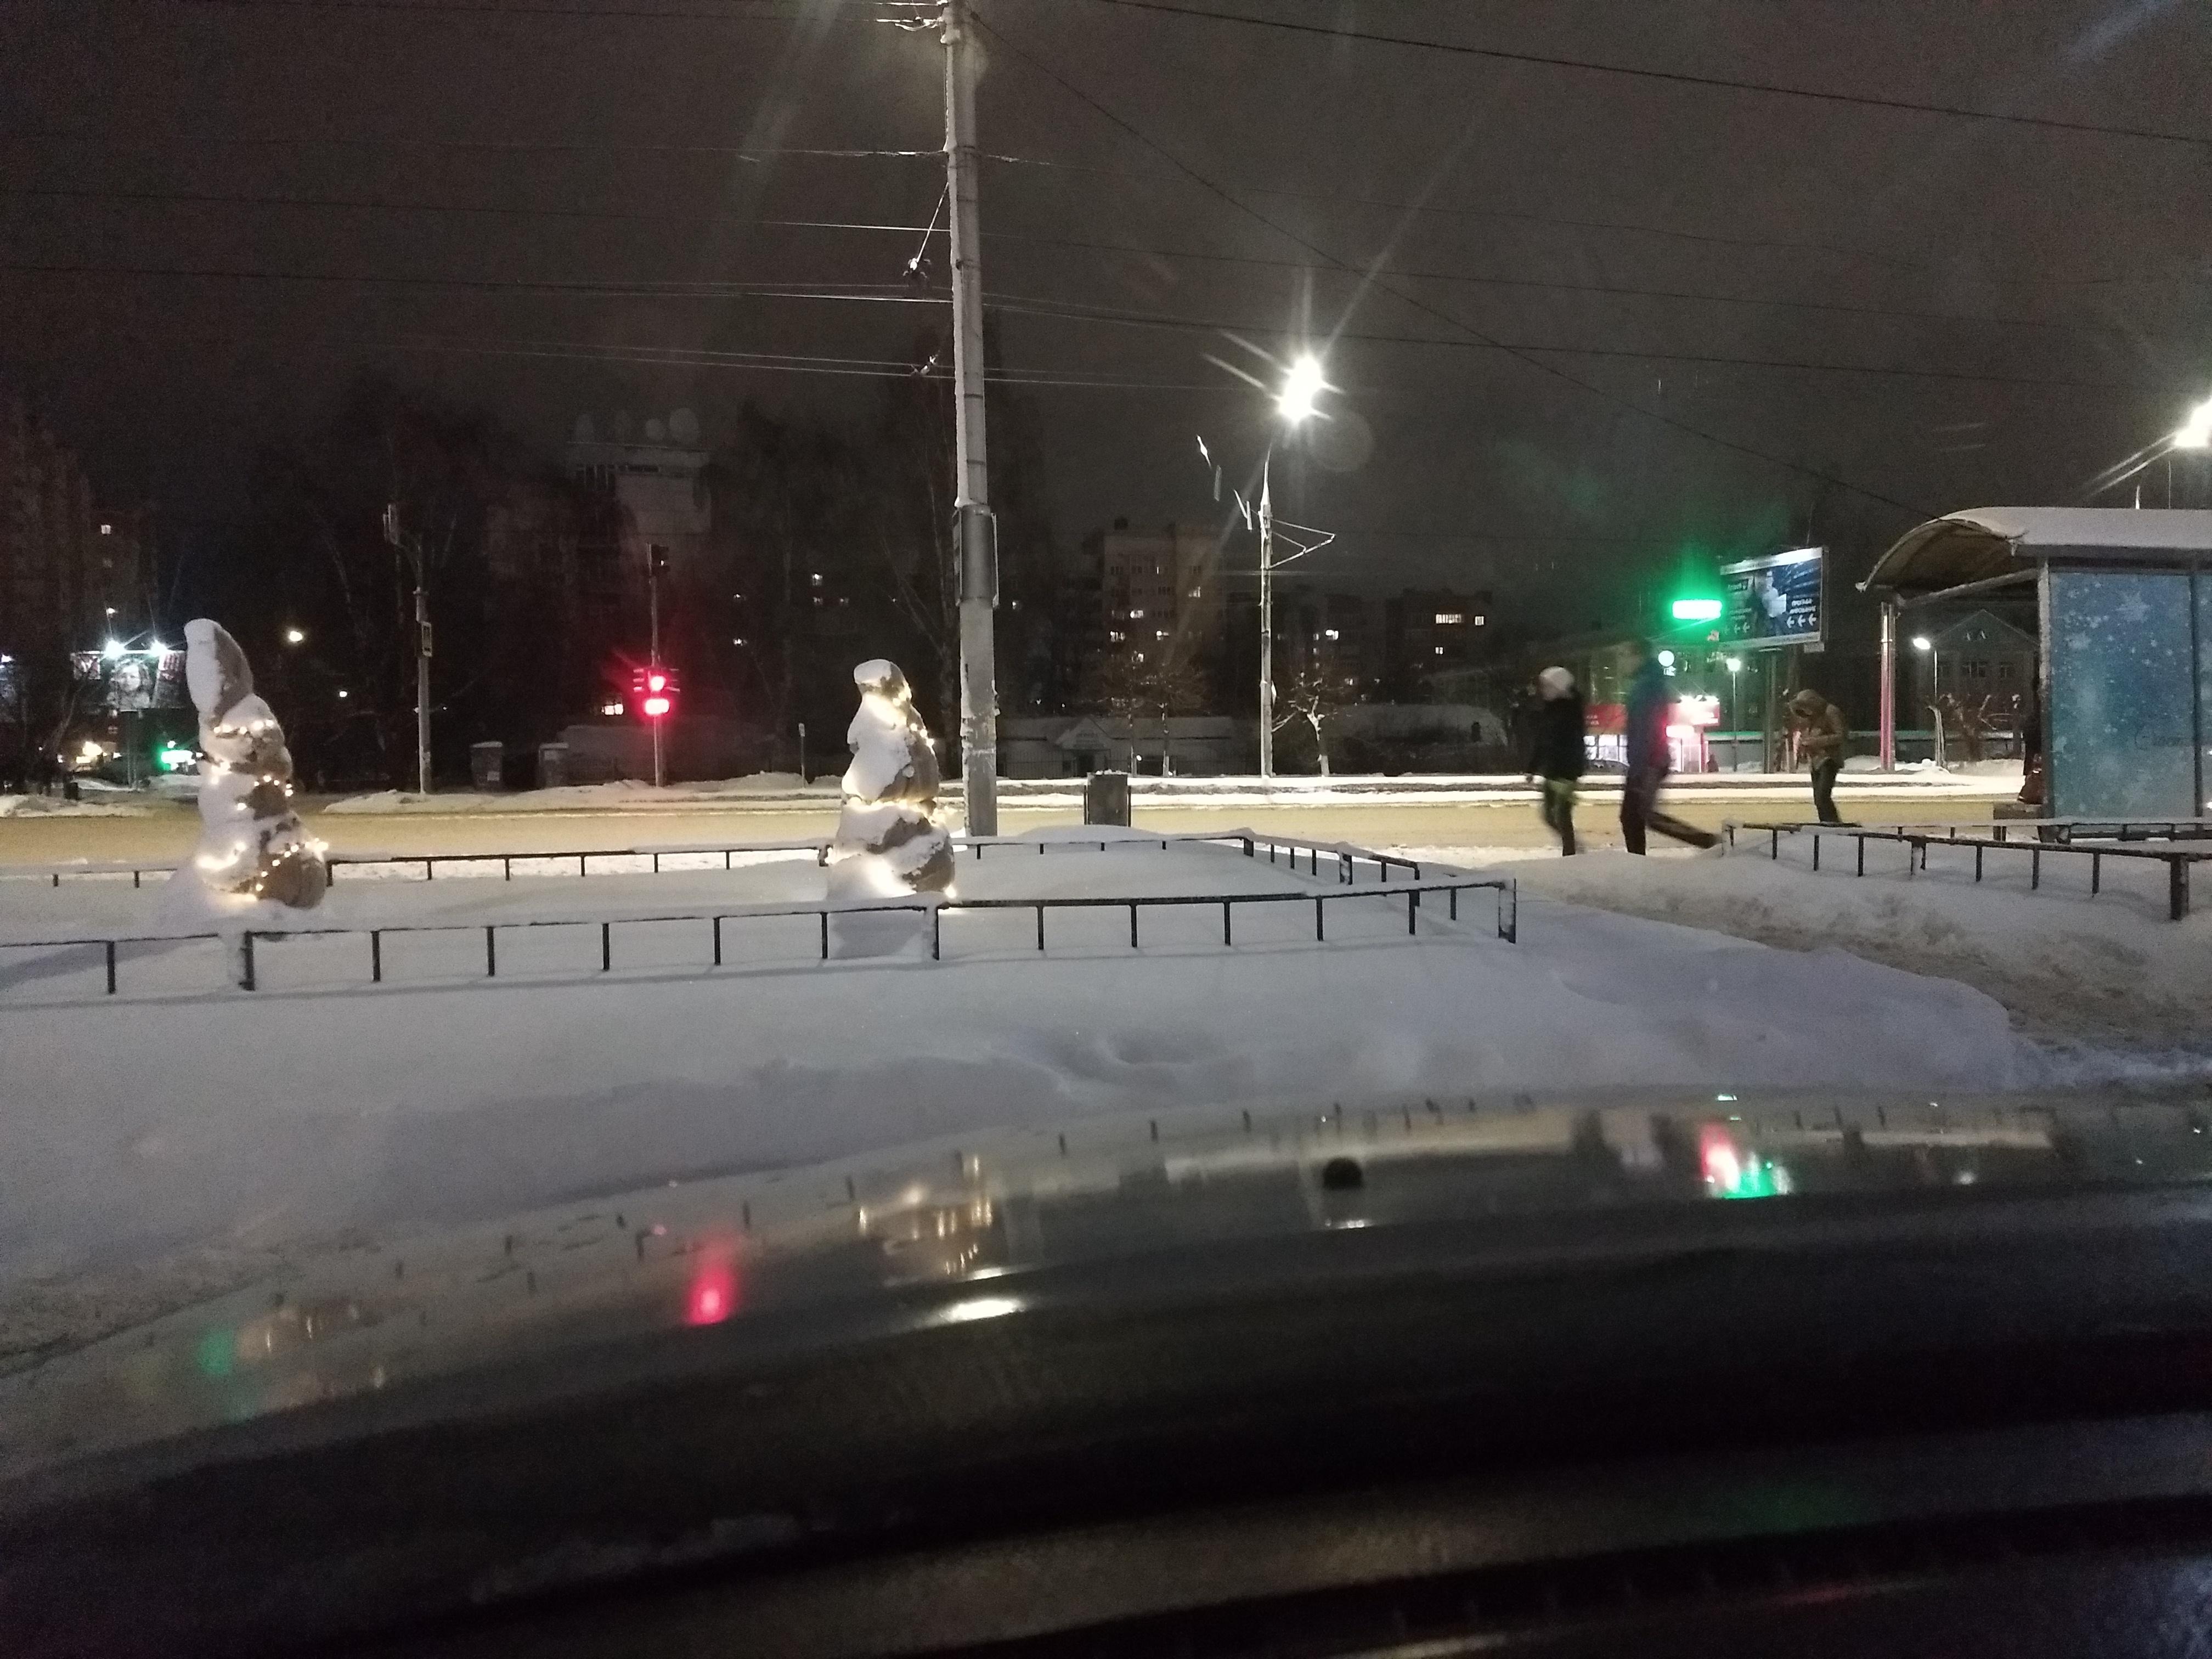 Маршрутки в Иваново: владеет ли кто-то хаосом?